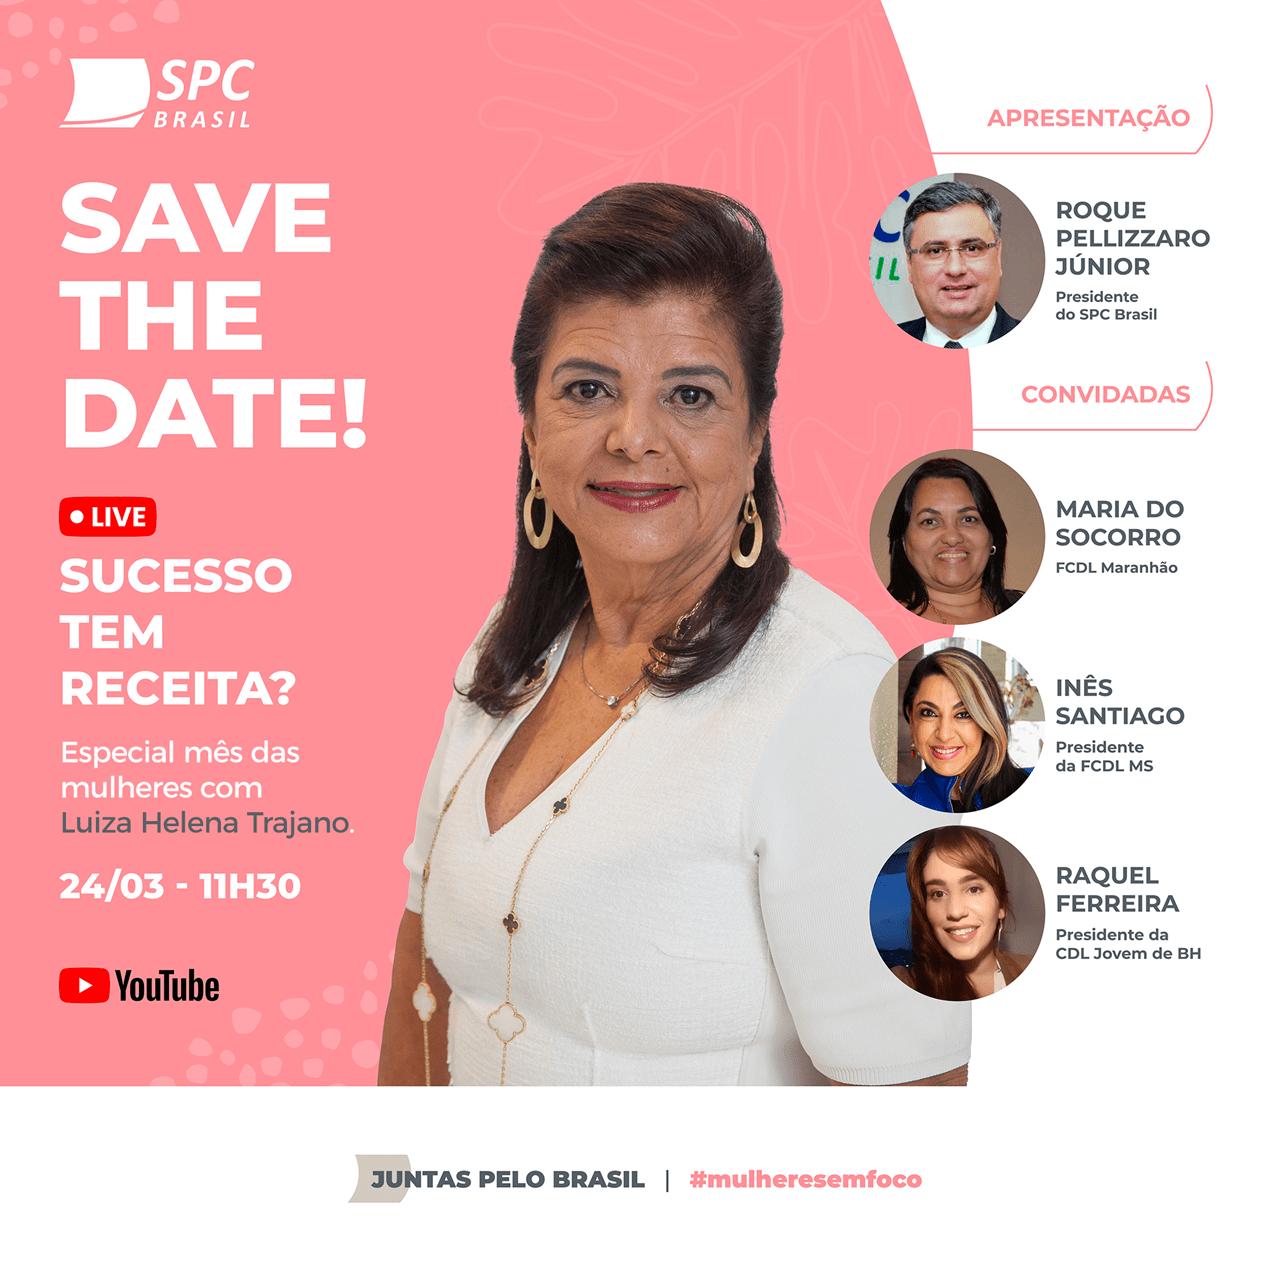 Espro indica | SPC Brasil realizará live em comemoração ao mês das mulheres